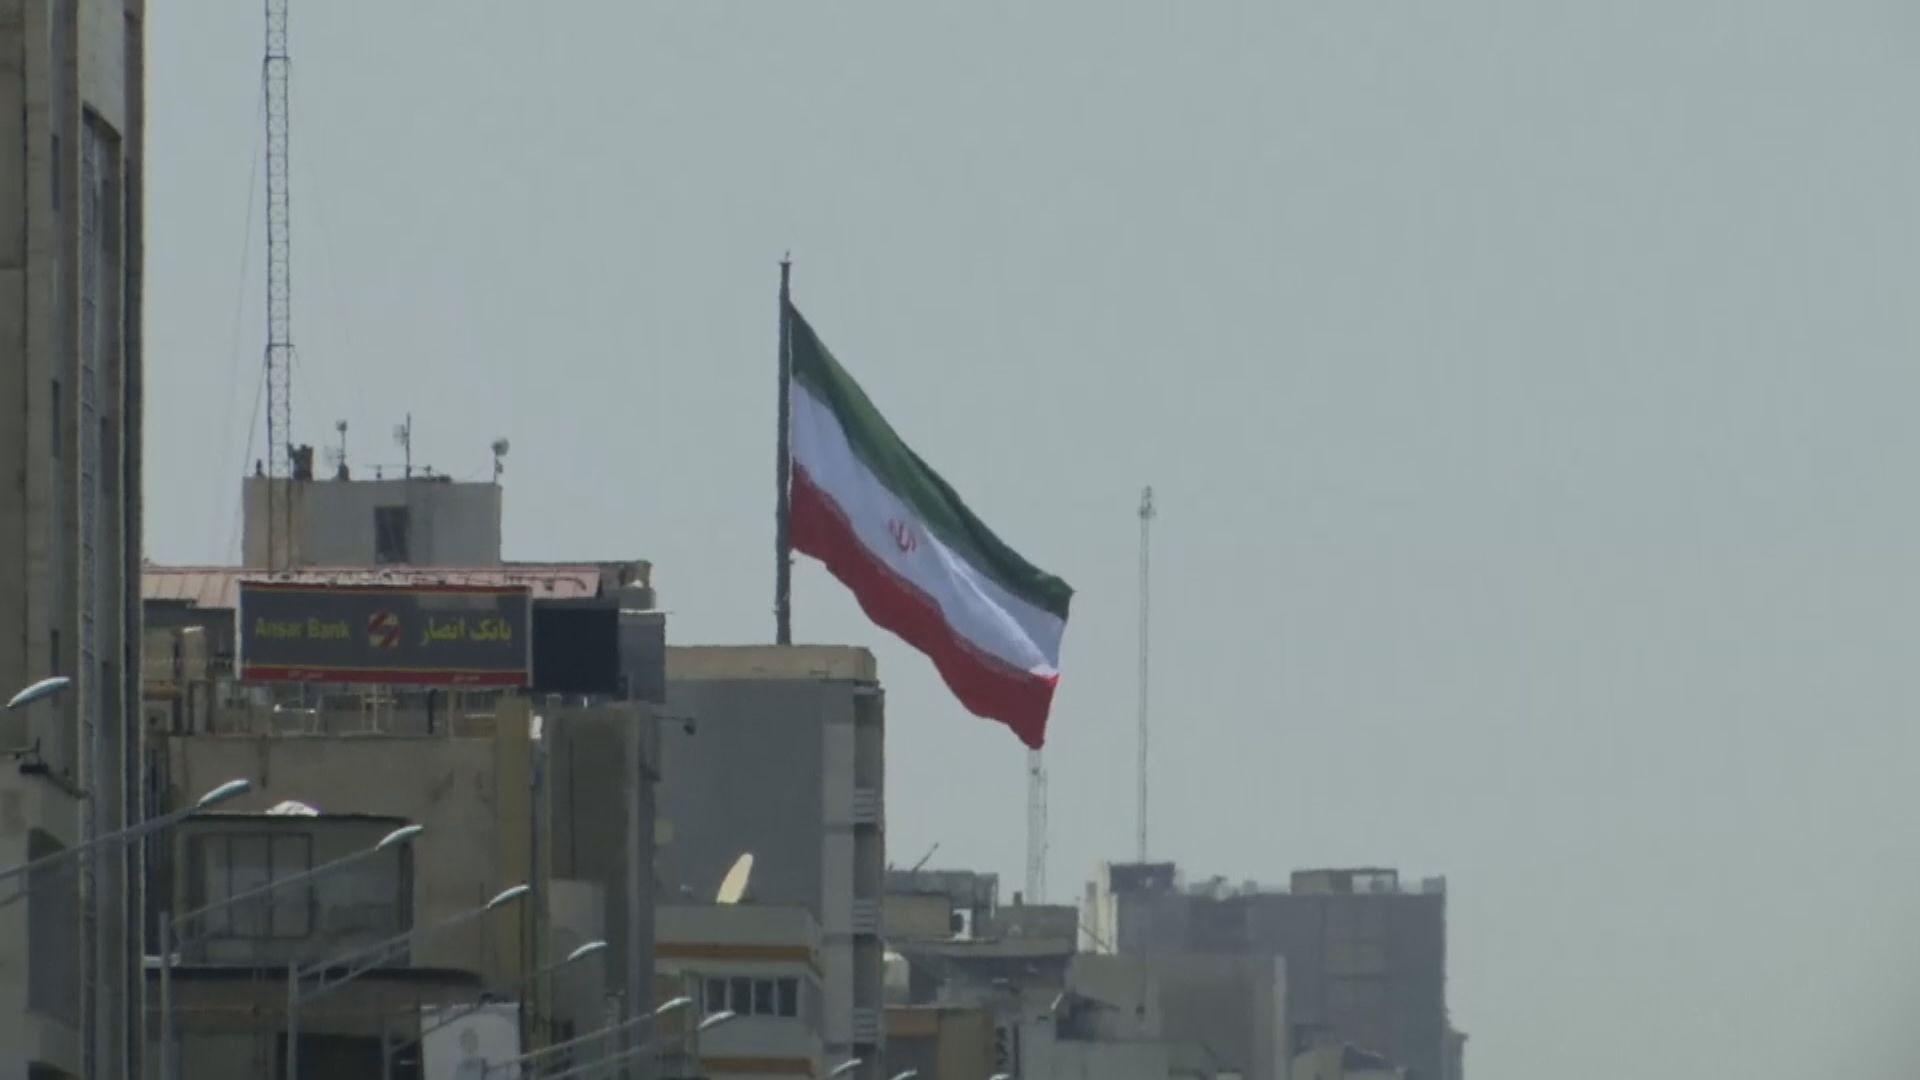 法國伊朗同意就核問題重啟對話